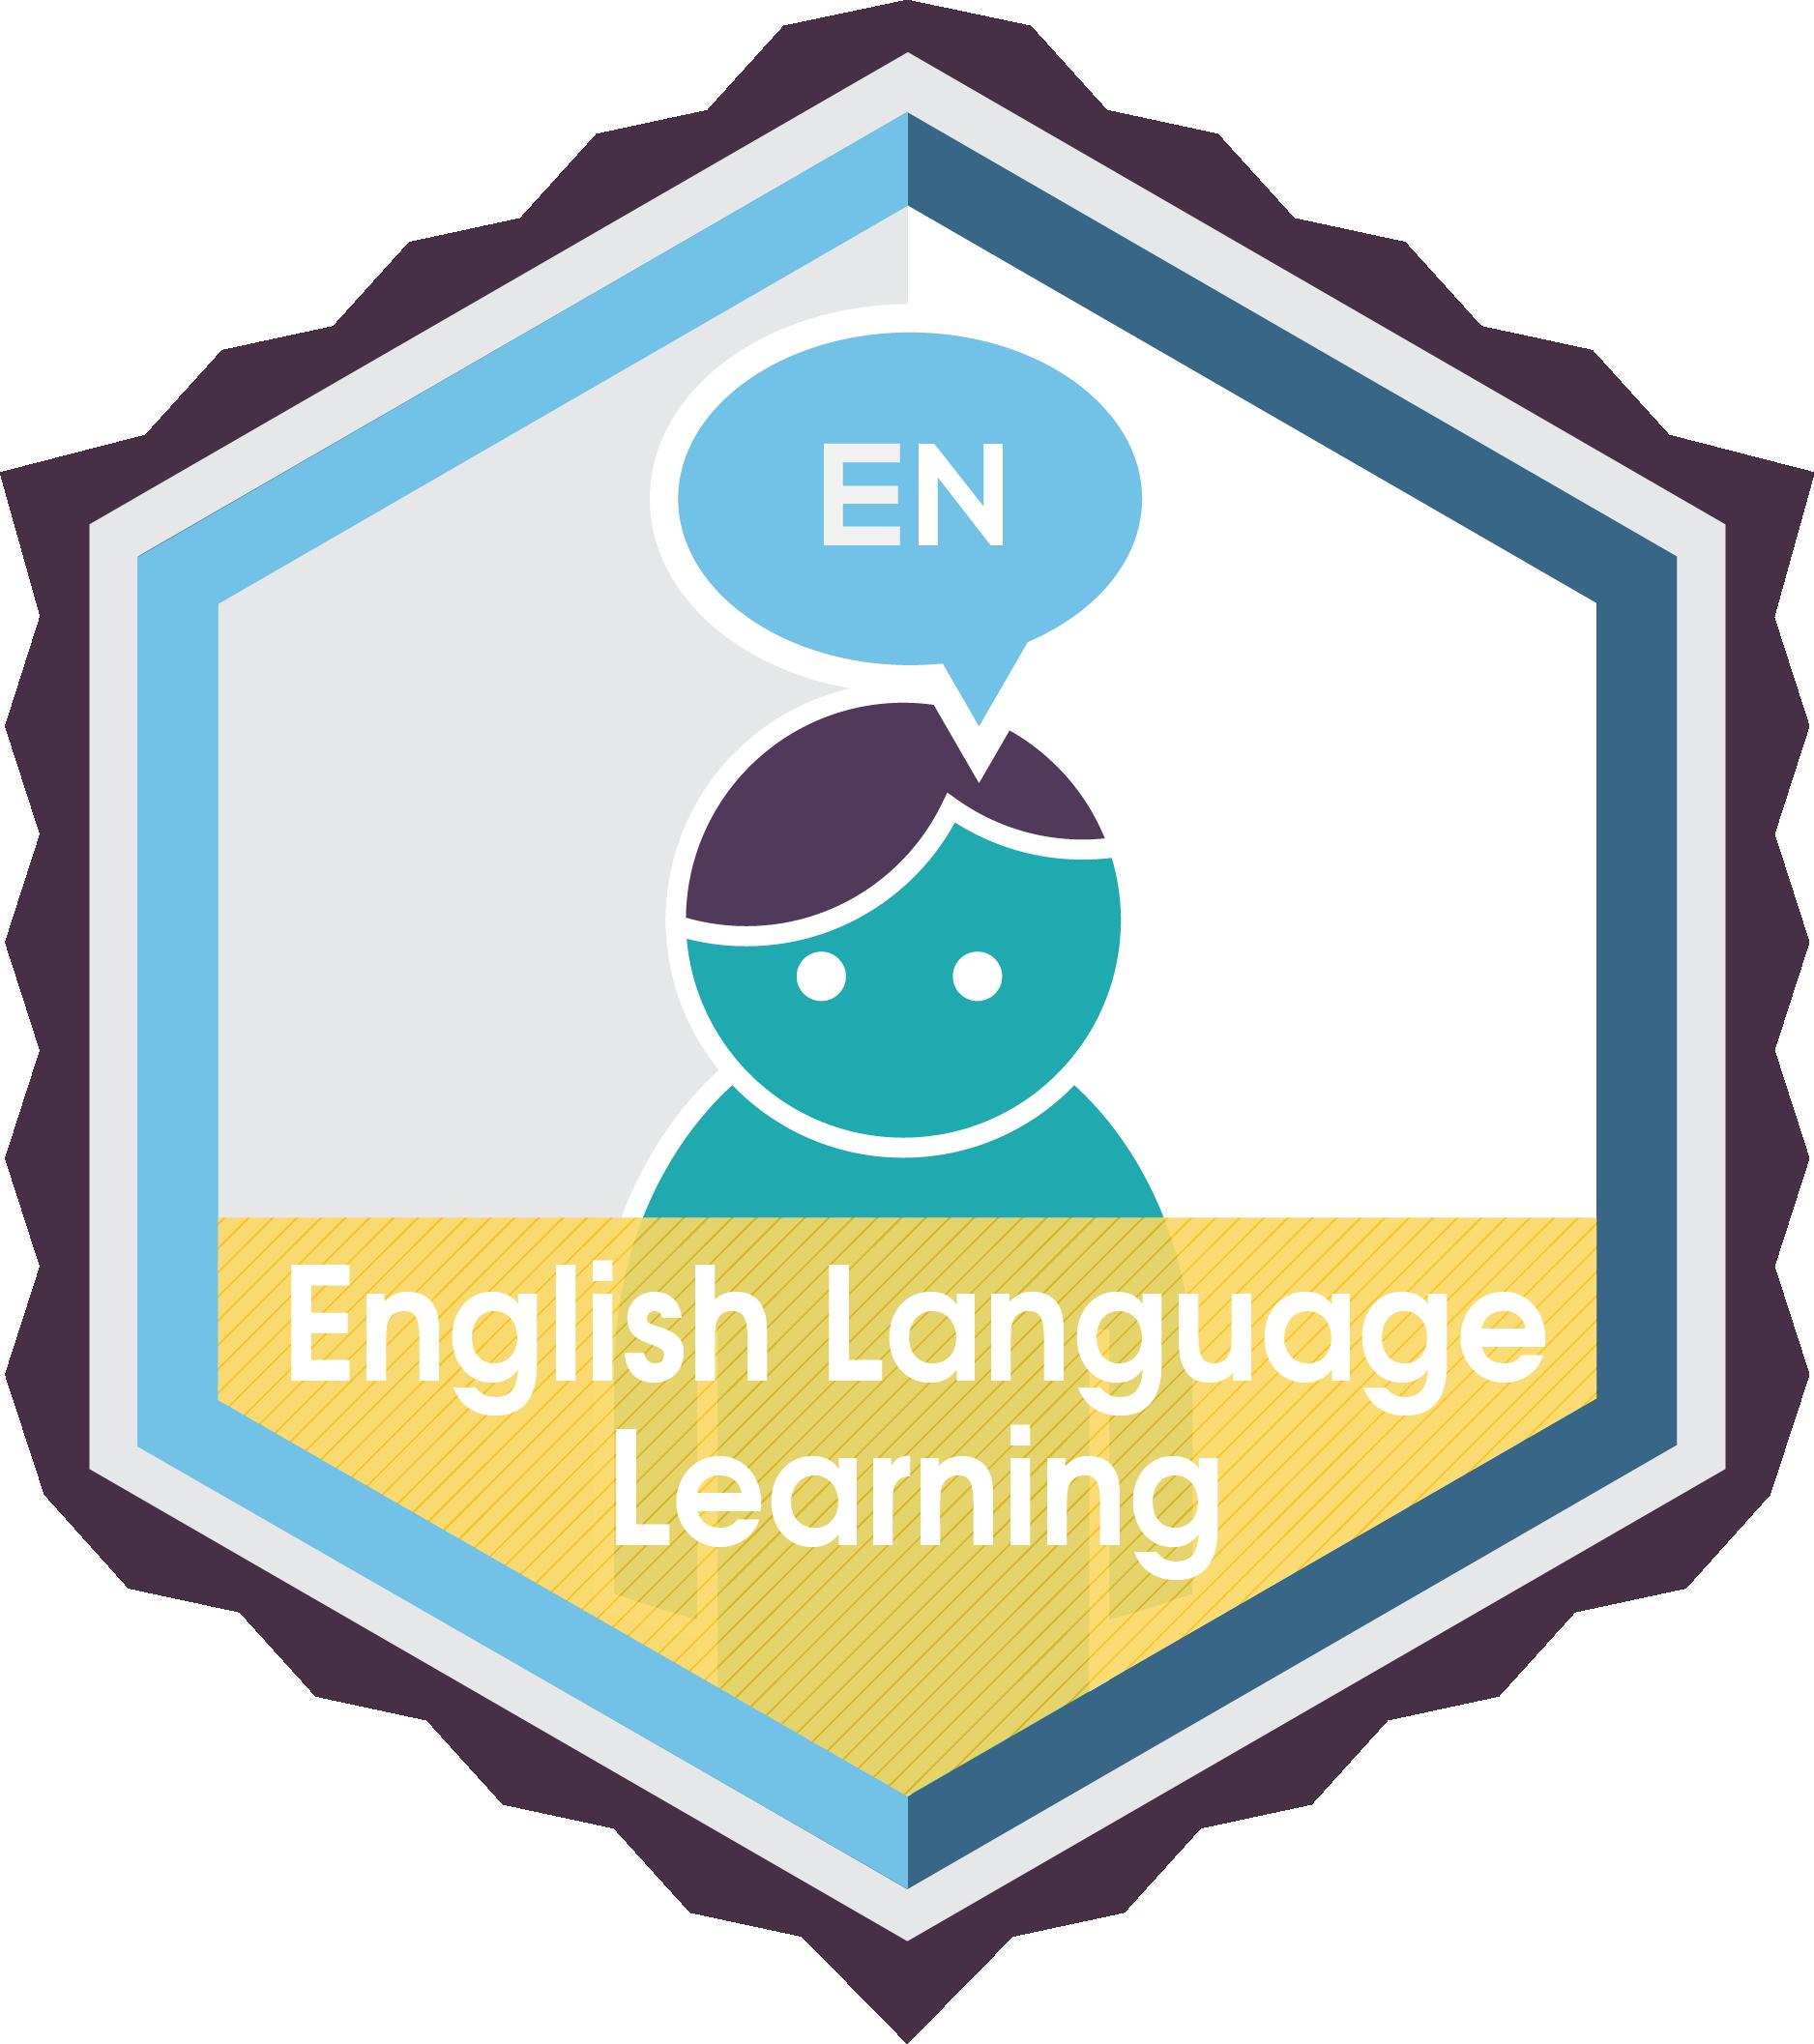 EnglishLanguageLearning_BadgeFinalized.png